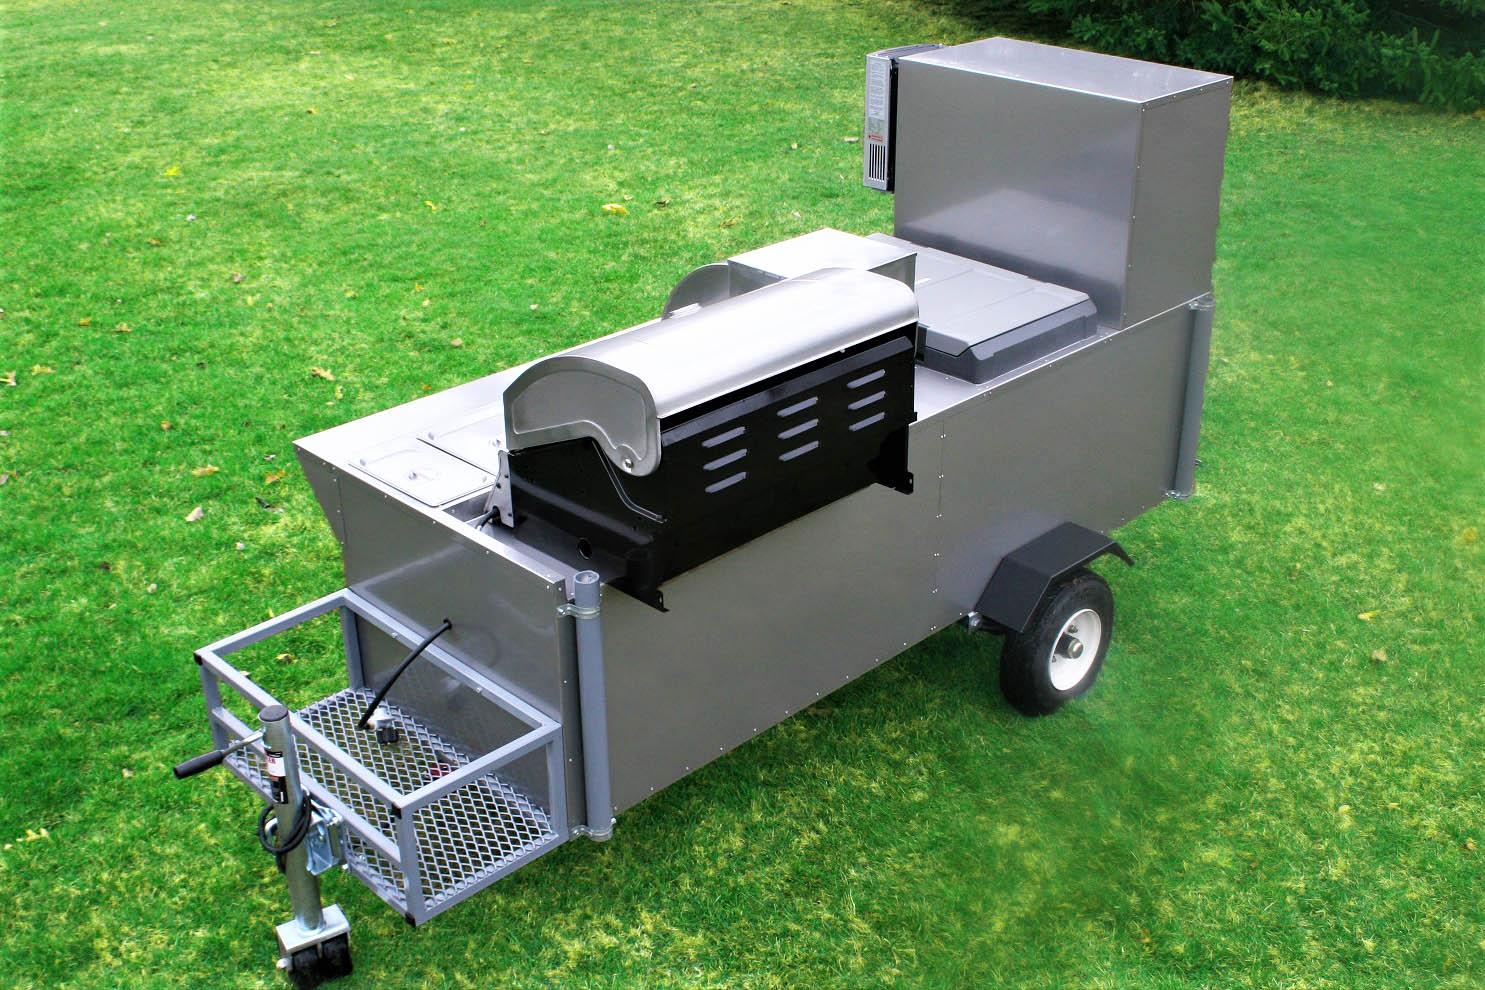 The Bullet Hot Dog Cart Grill 12v Fridge Propane